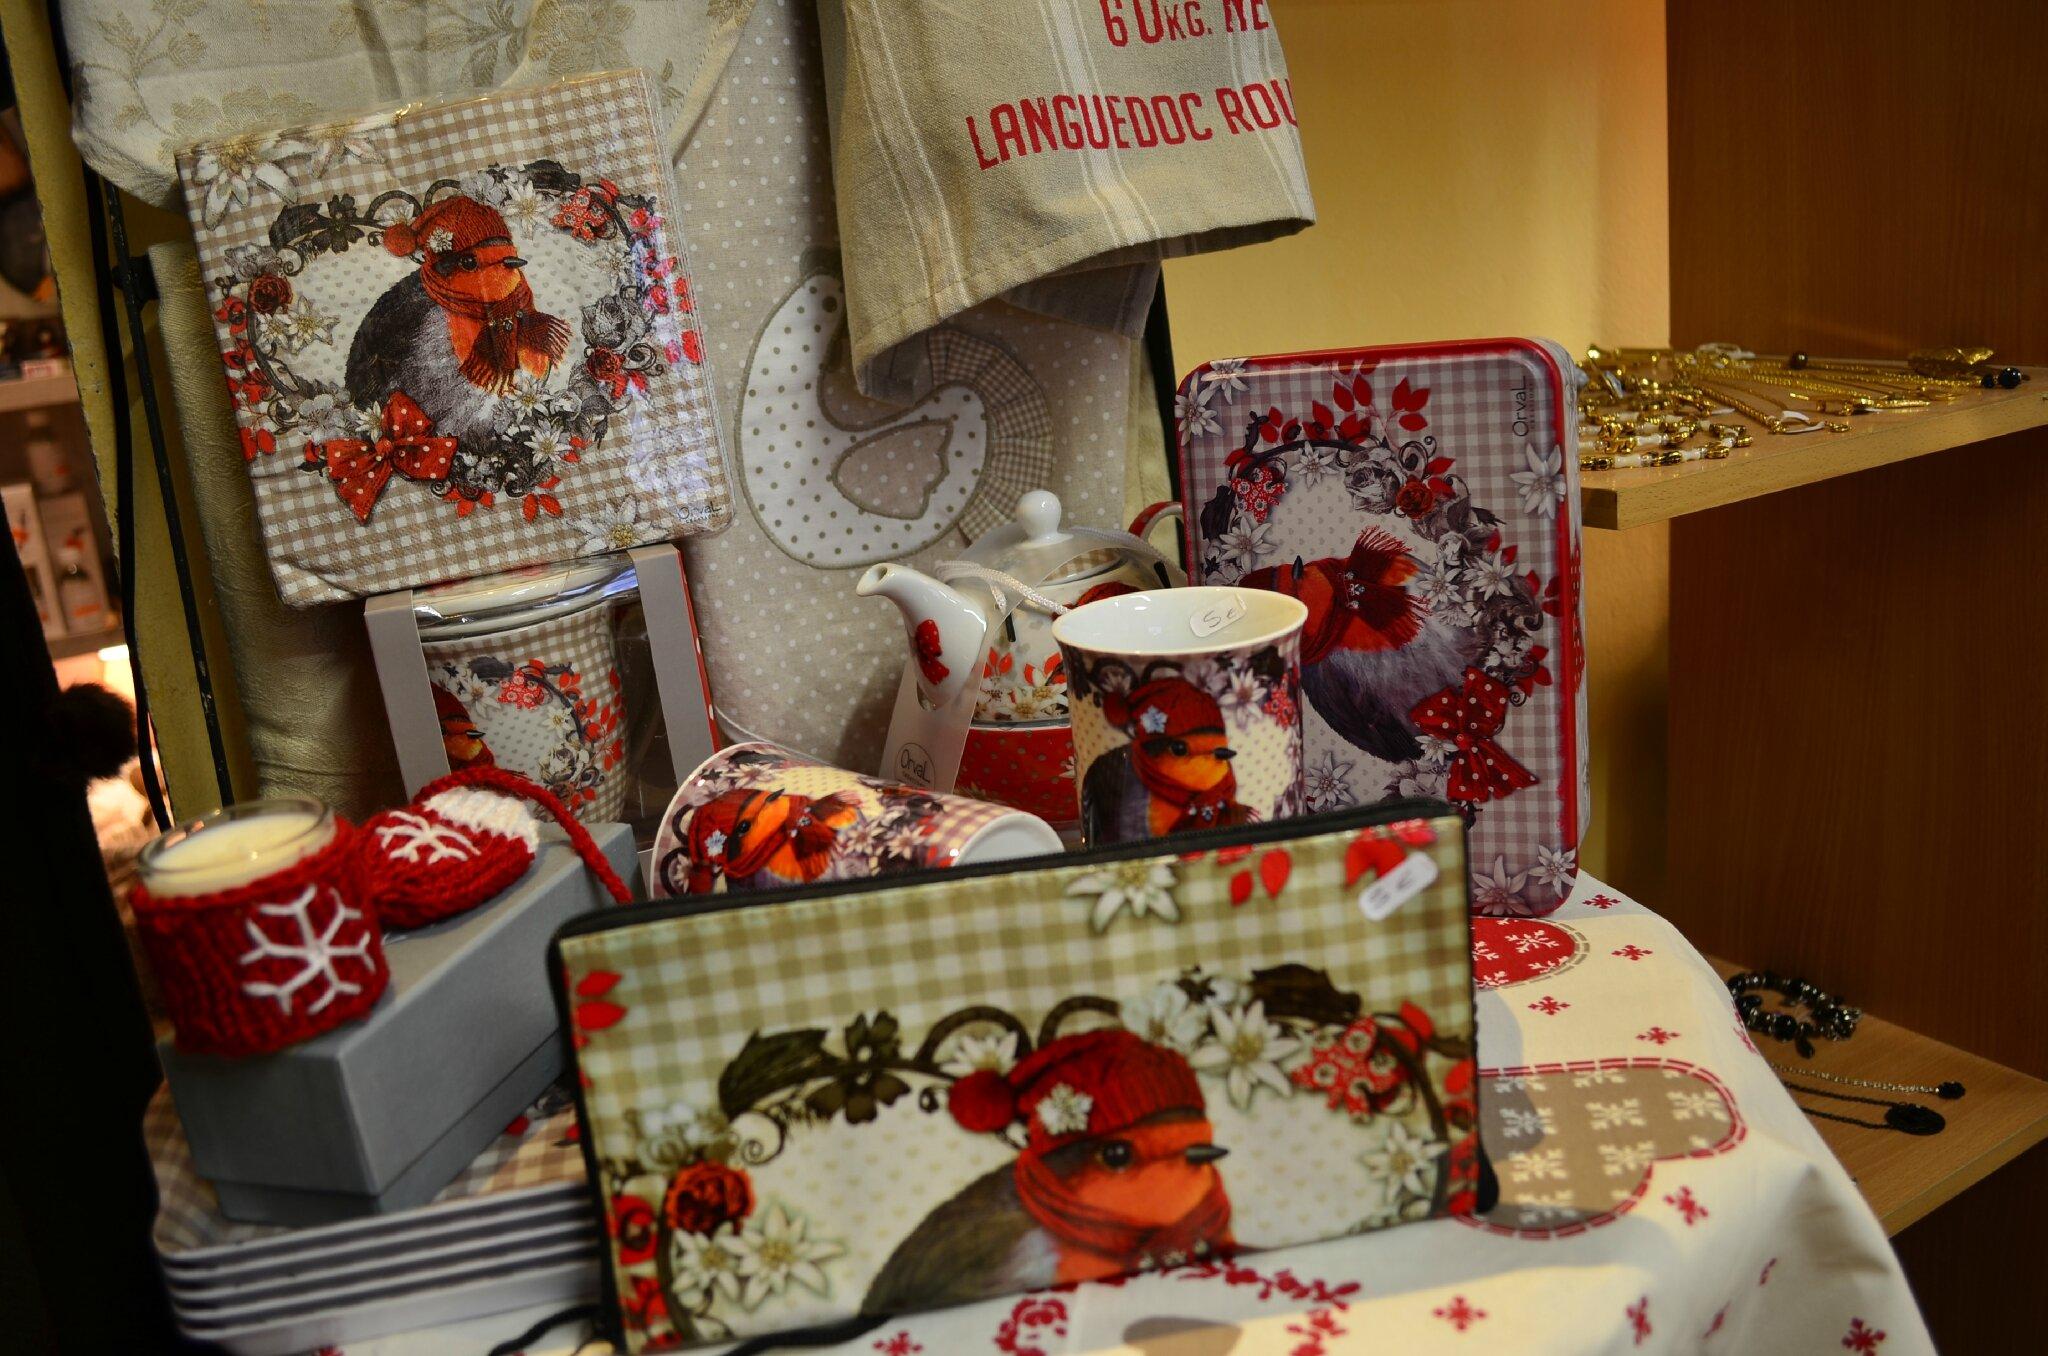 faites le plein d idees cadeaux dans notre boutique pulcherie creation